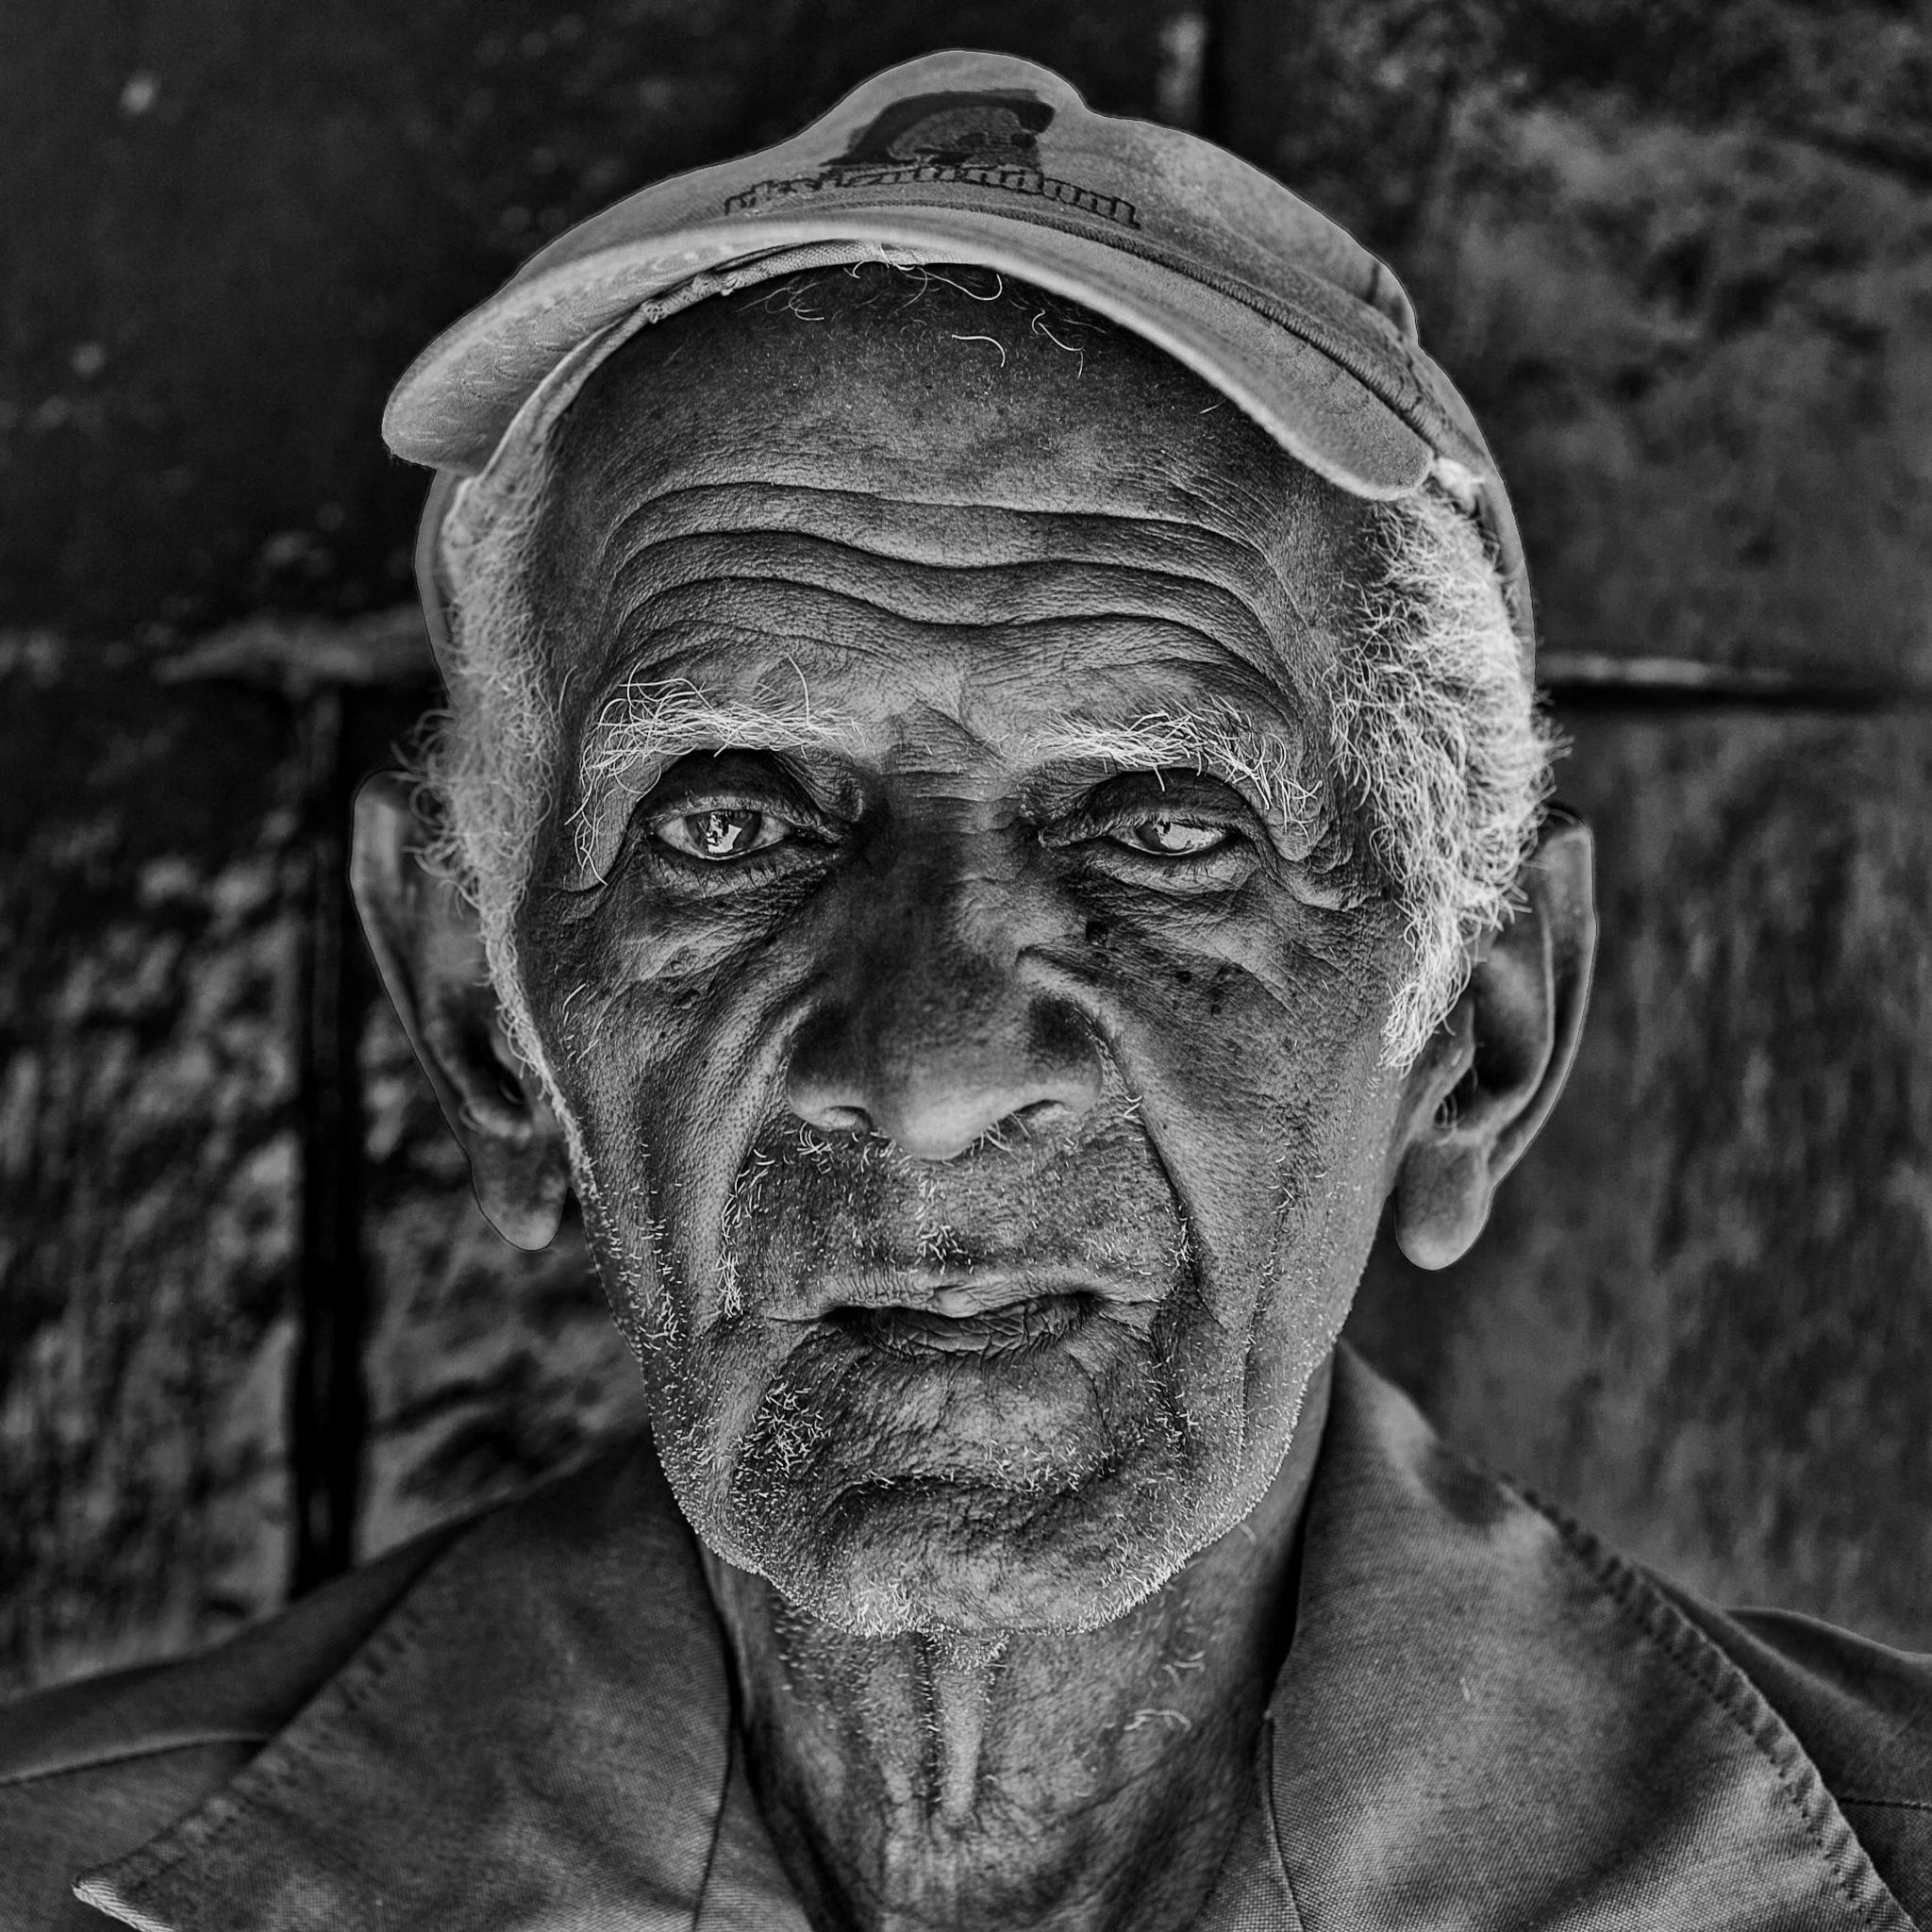 Ghoulish Man by Mahesh Krishnamurthy